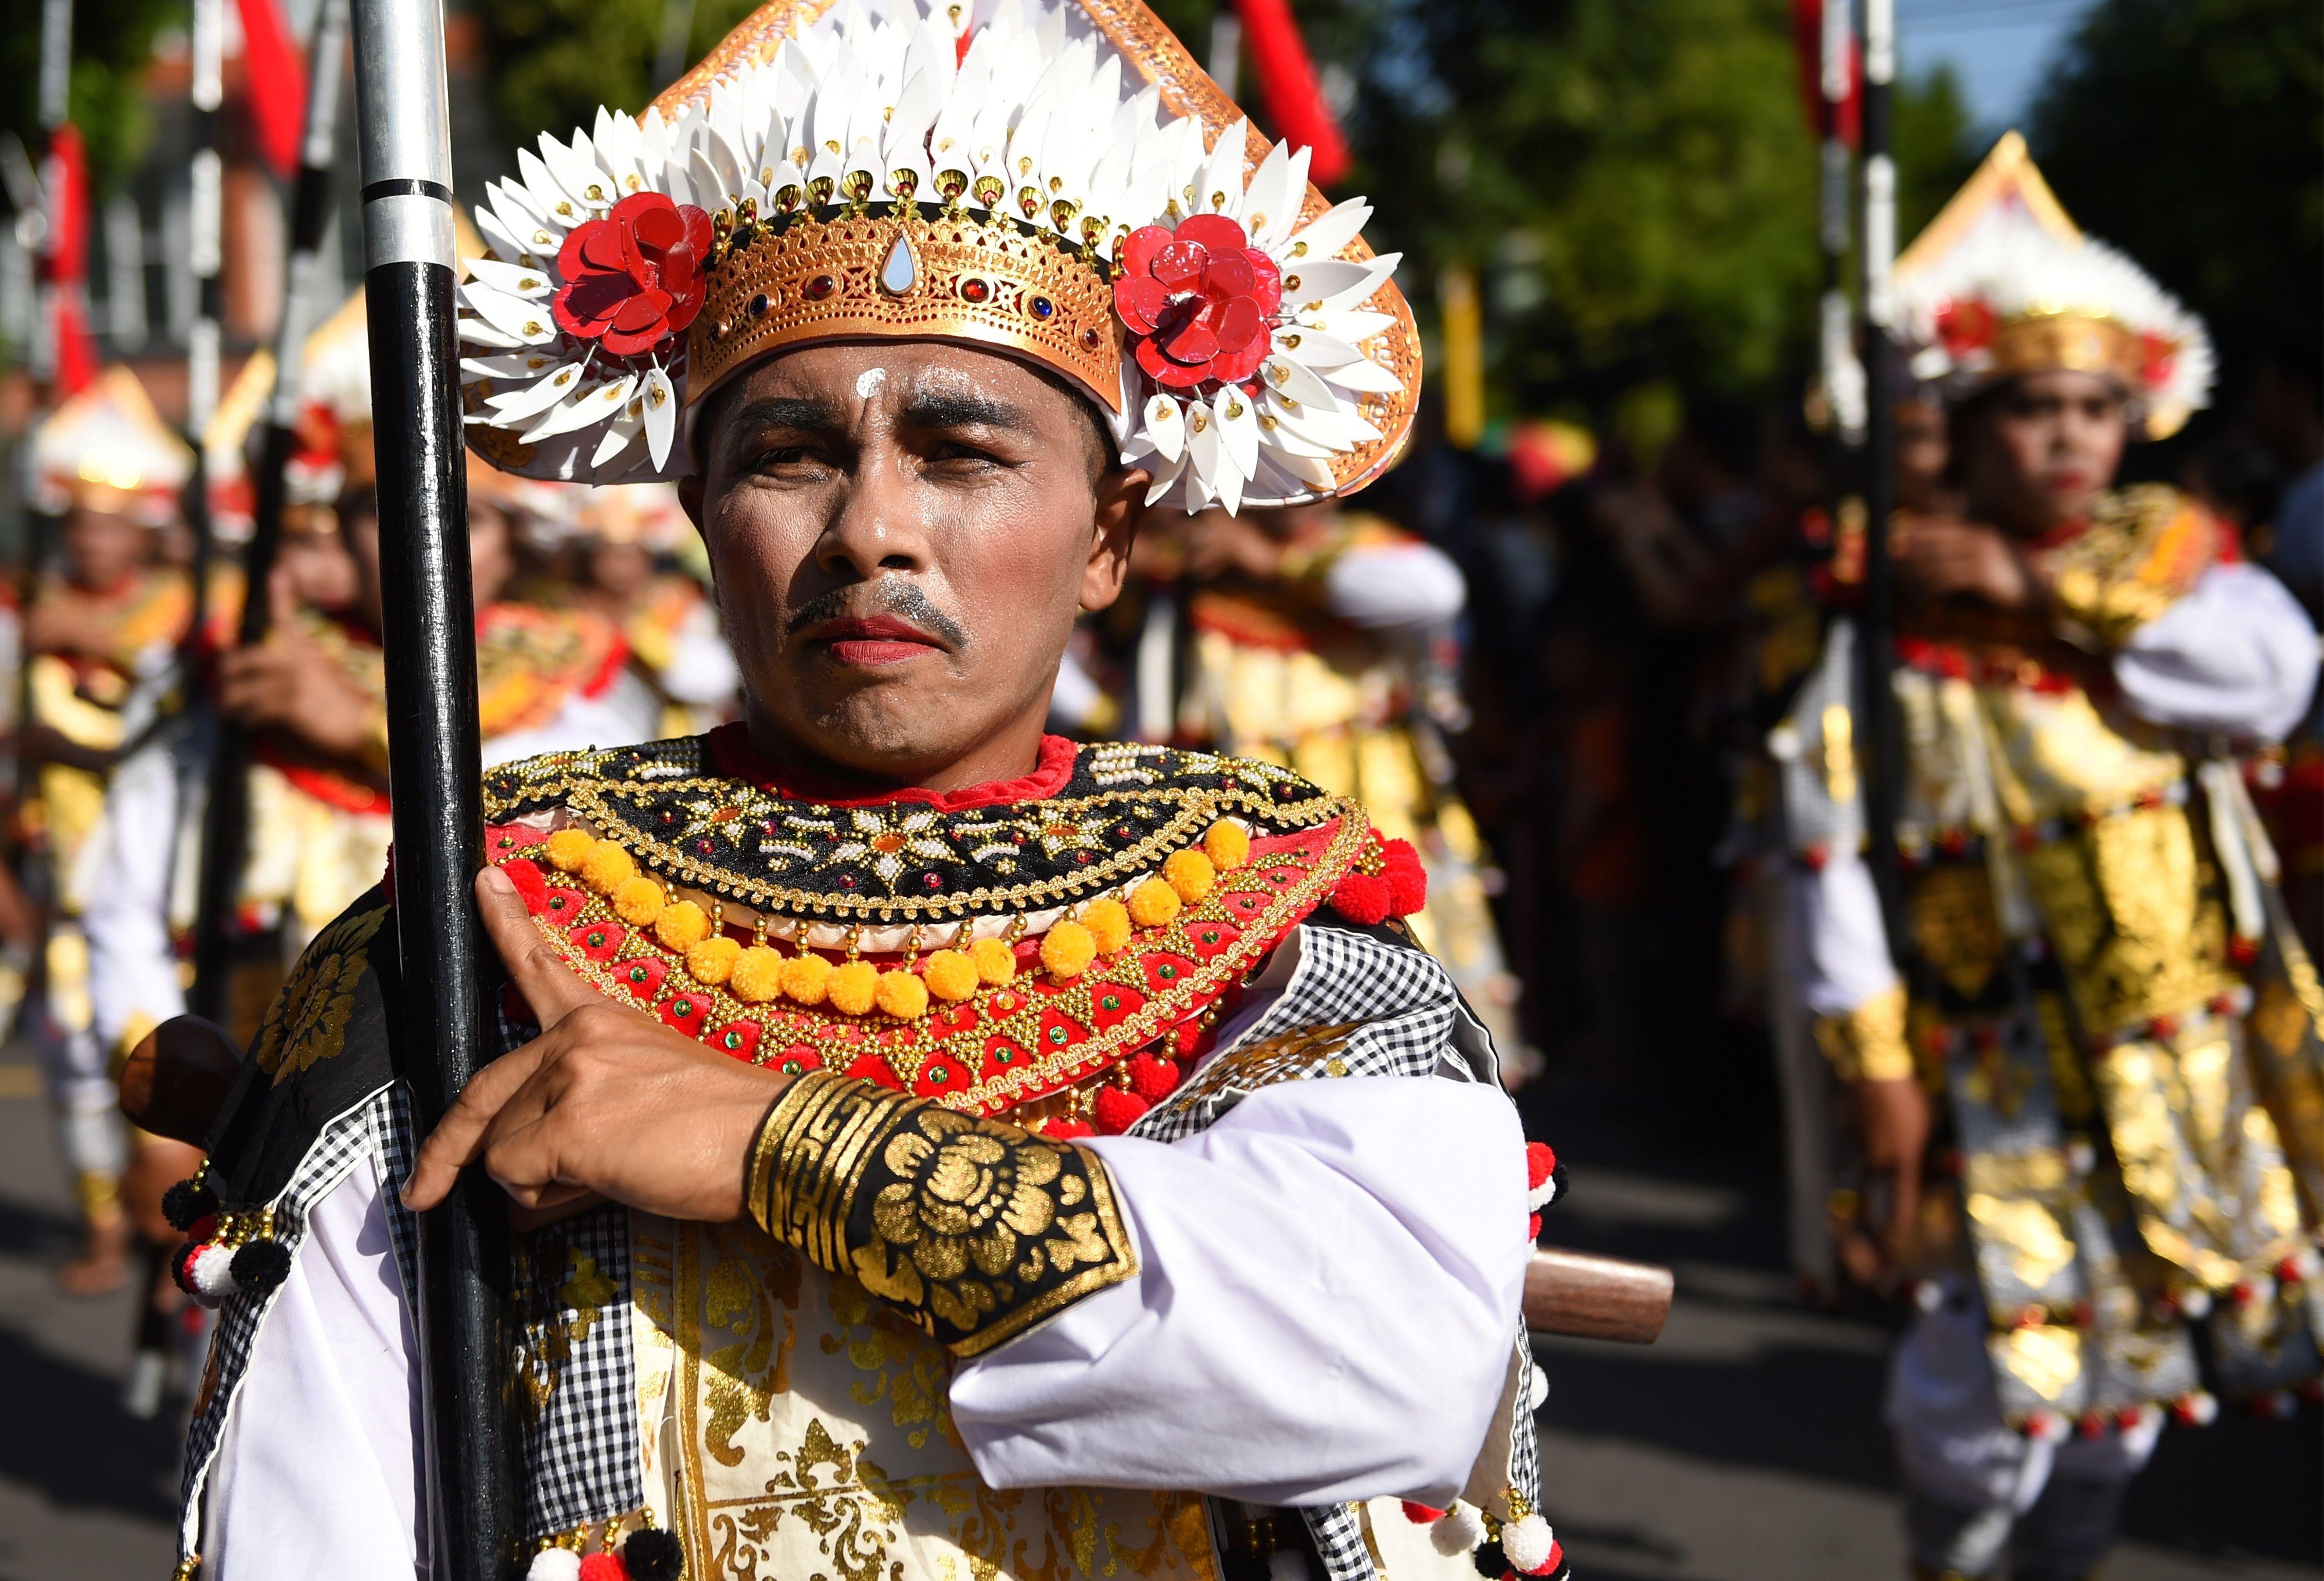 احتفالات خاصة بمهرجان بالى للفنون فى اندونيسيا